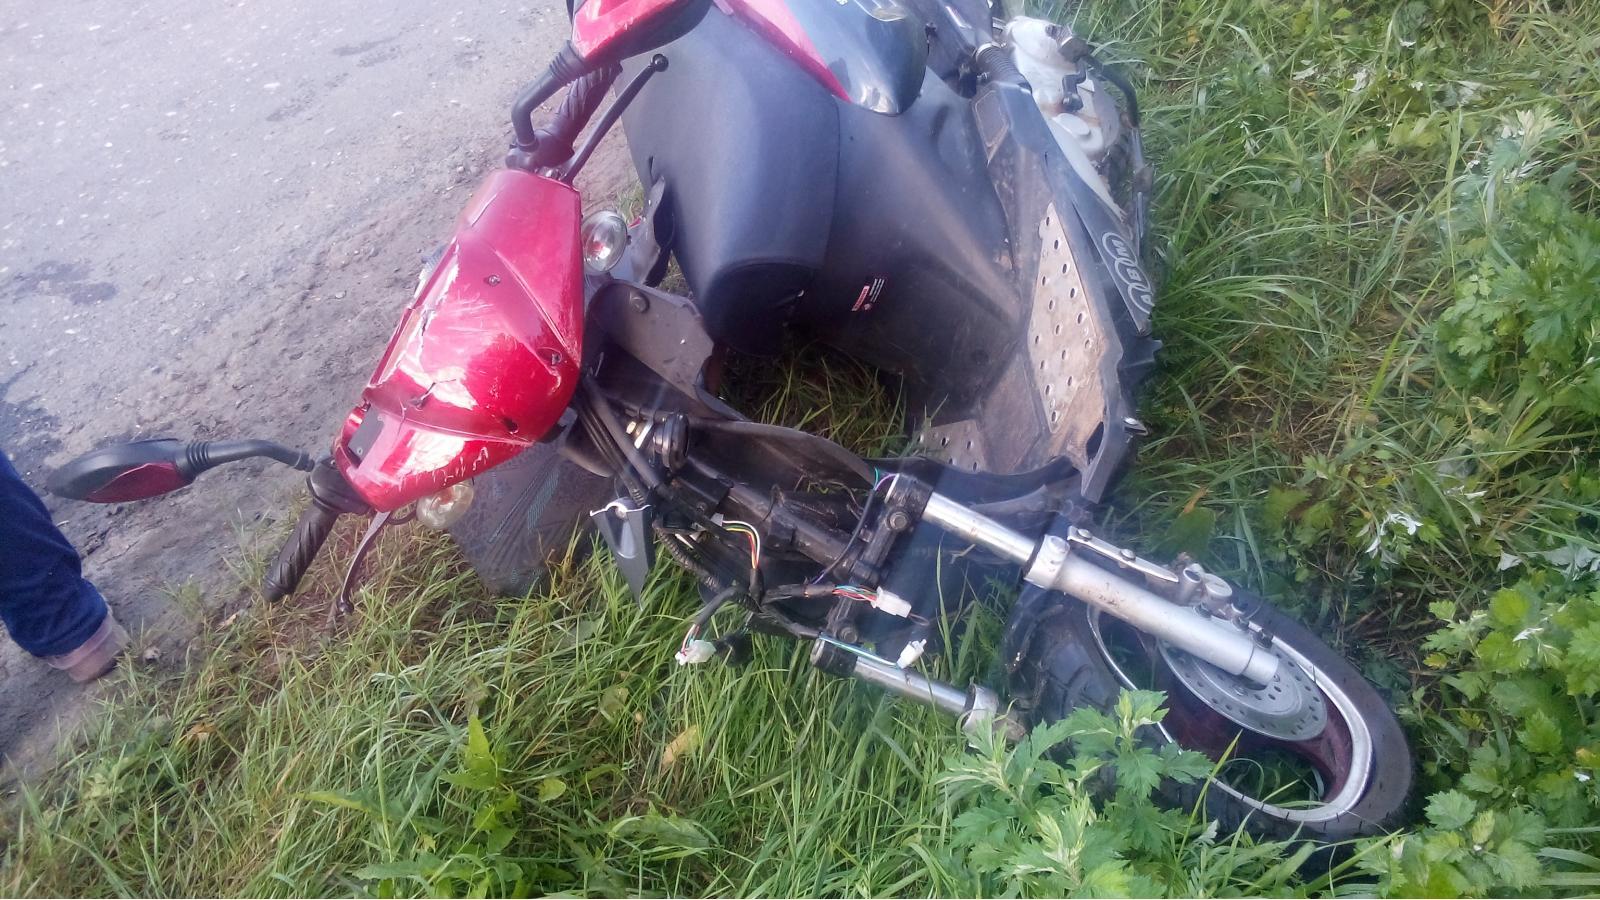 В Устюженском районе пьяный водитель сбил пенсионера на мопеде